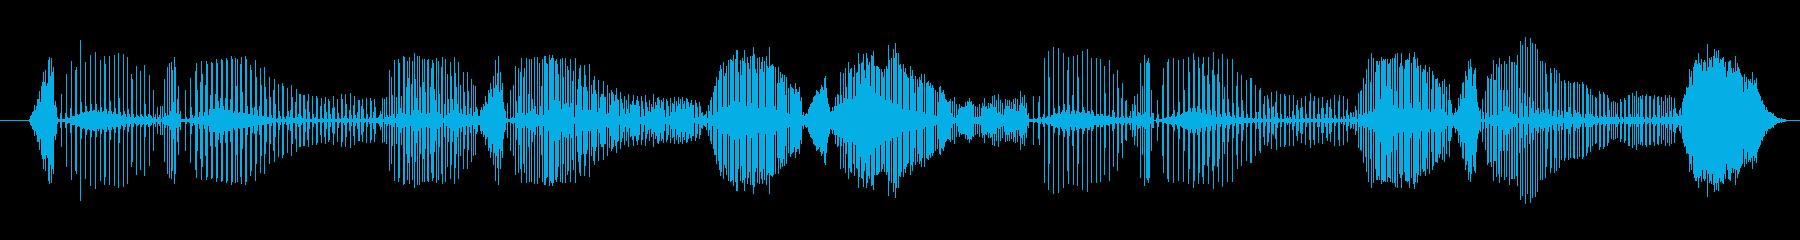 ノイズ ジューシーラトルシーケンス03の再生済みの波形